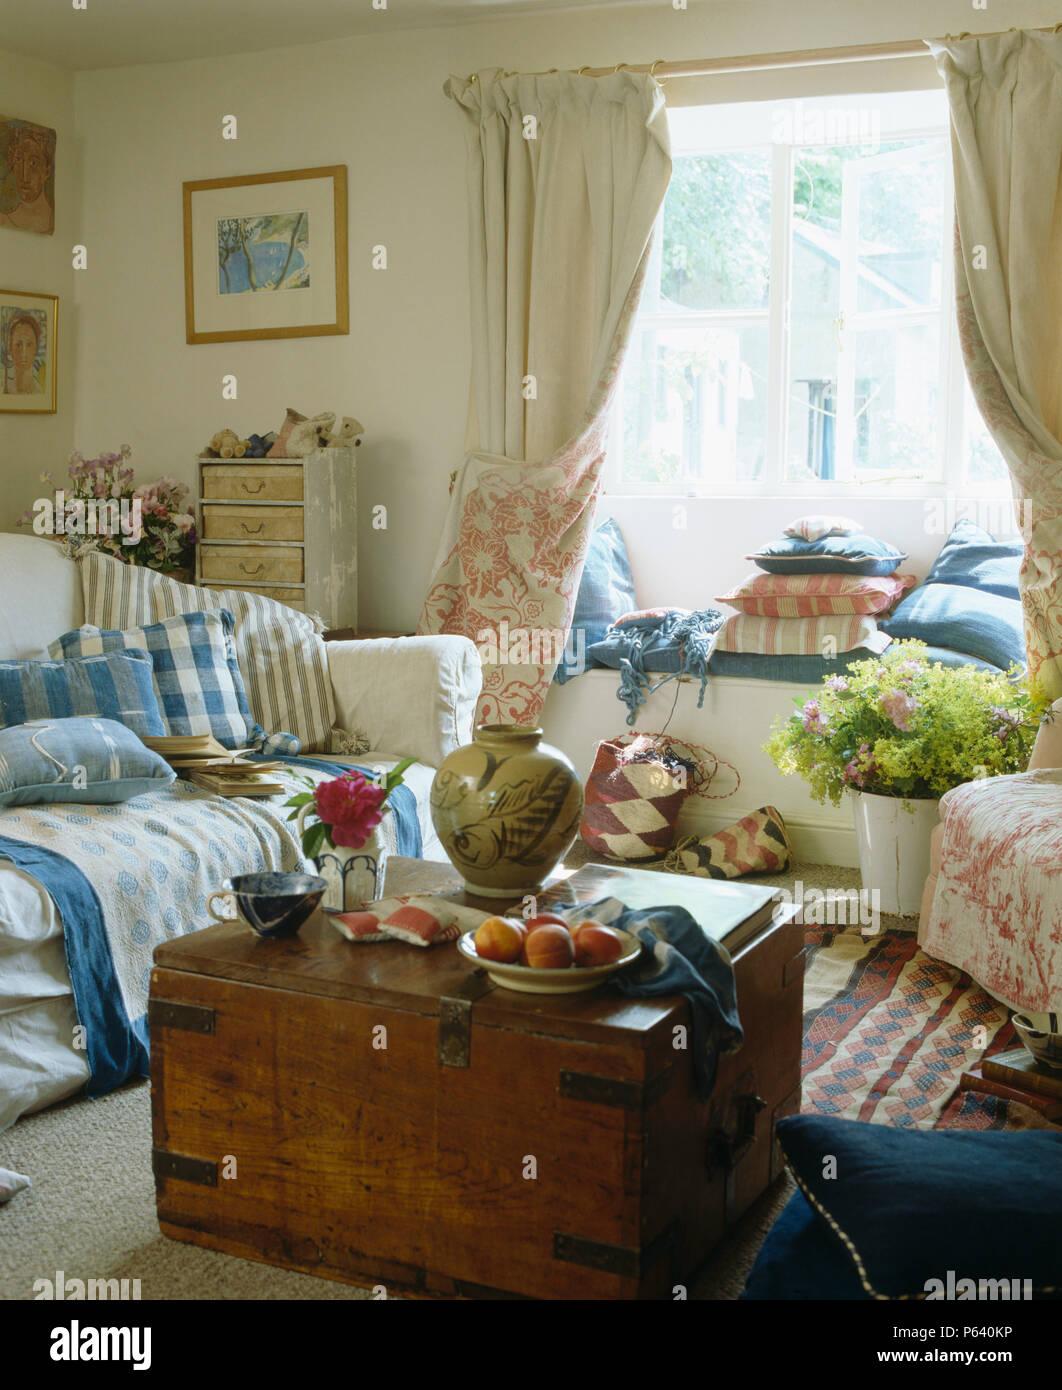 Antike hölzerne Truhe in Ferienhaus Wohnzimmer mit Blau + weiß ...